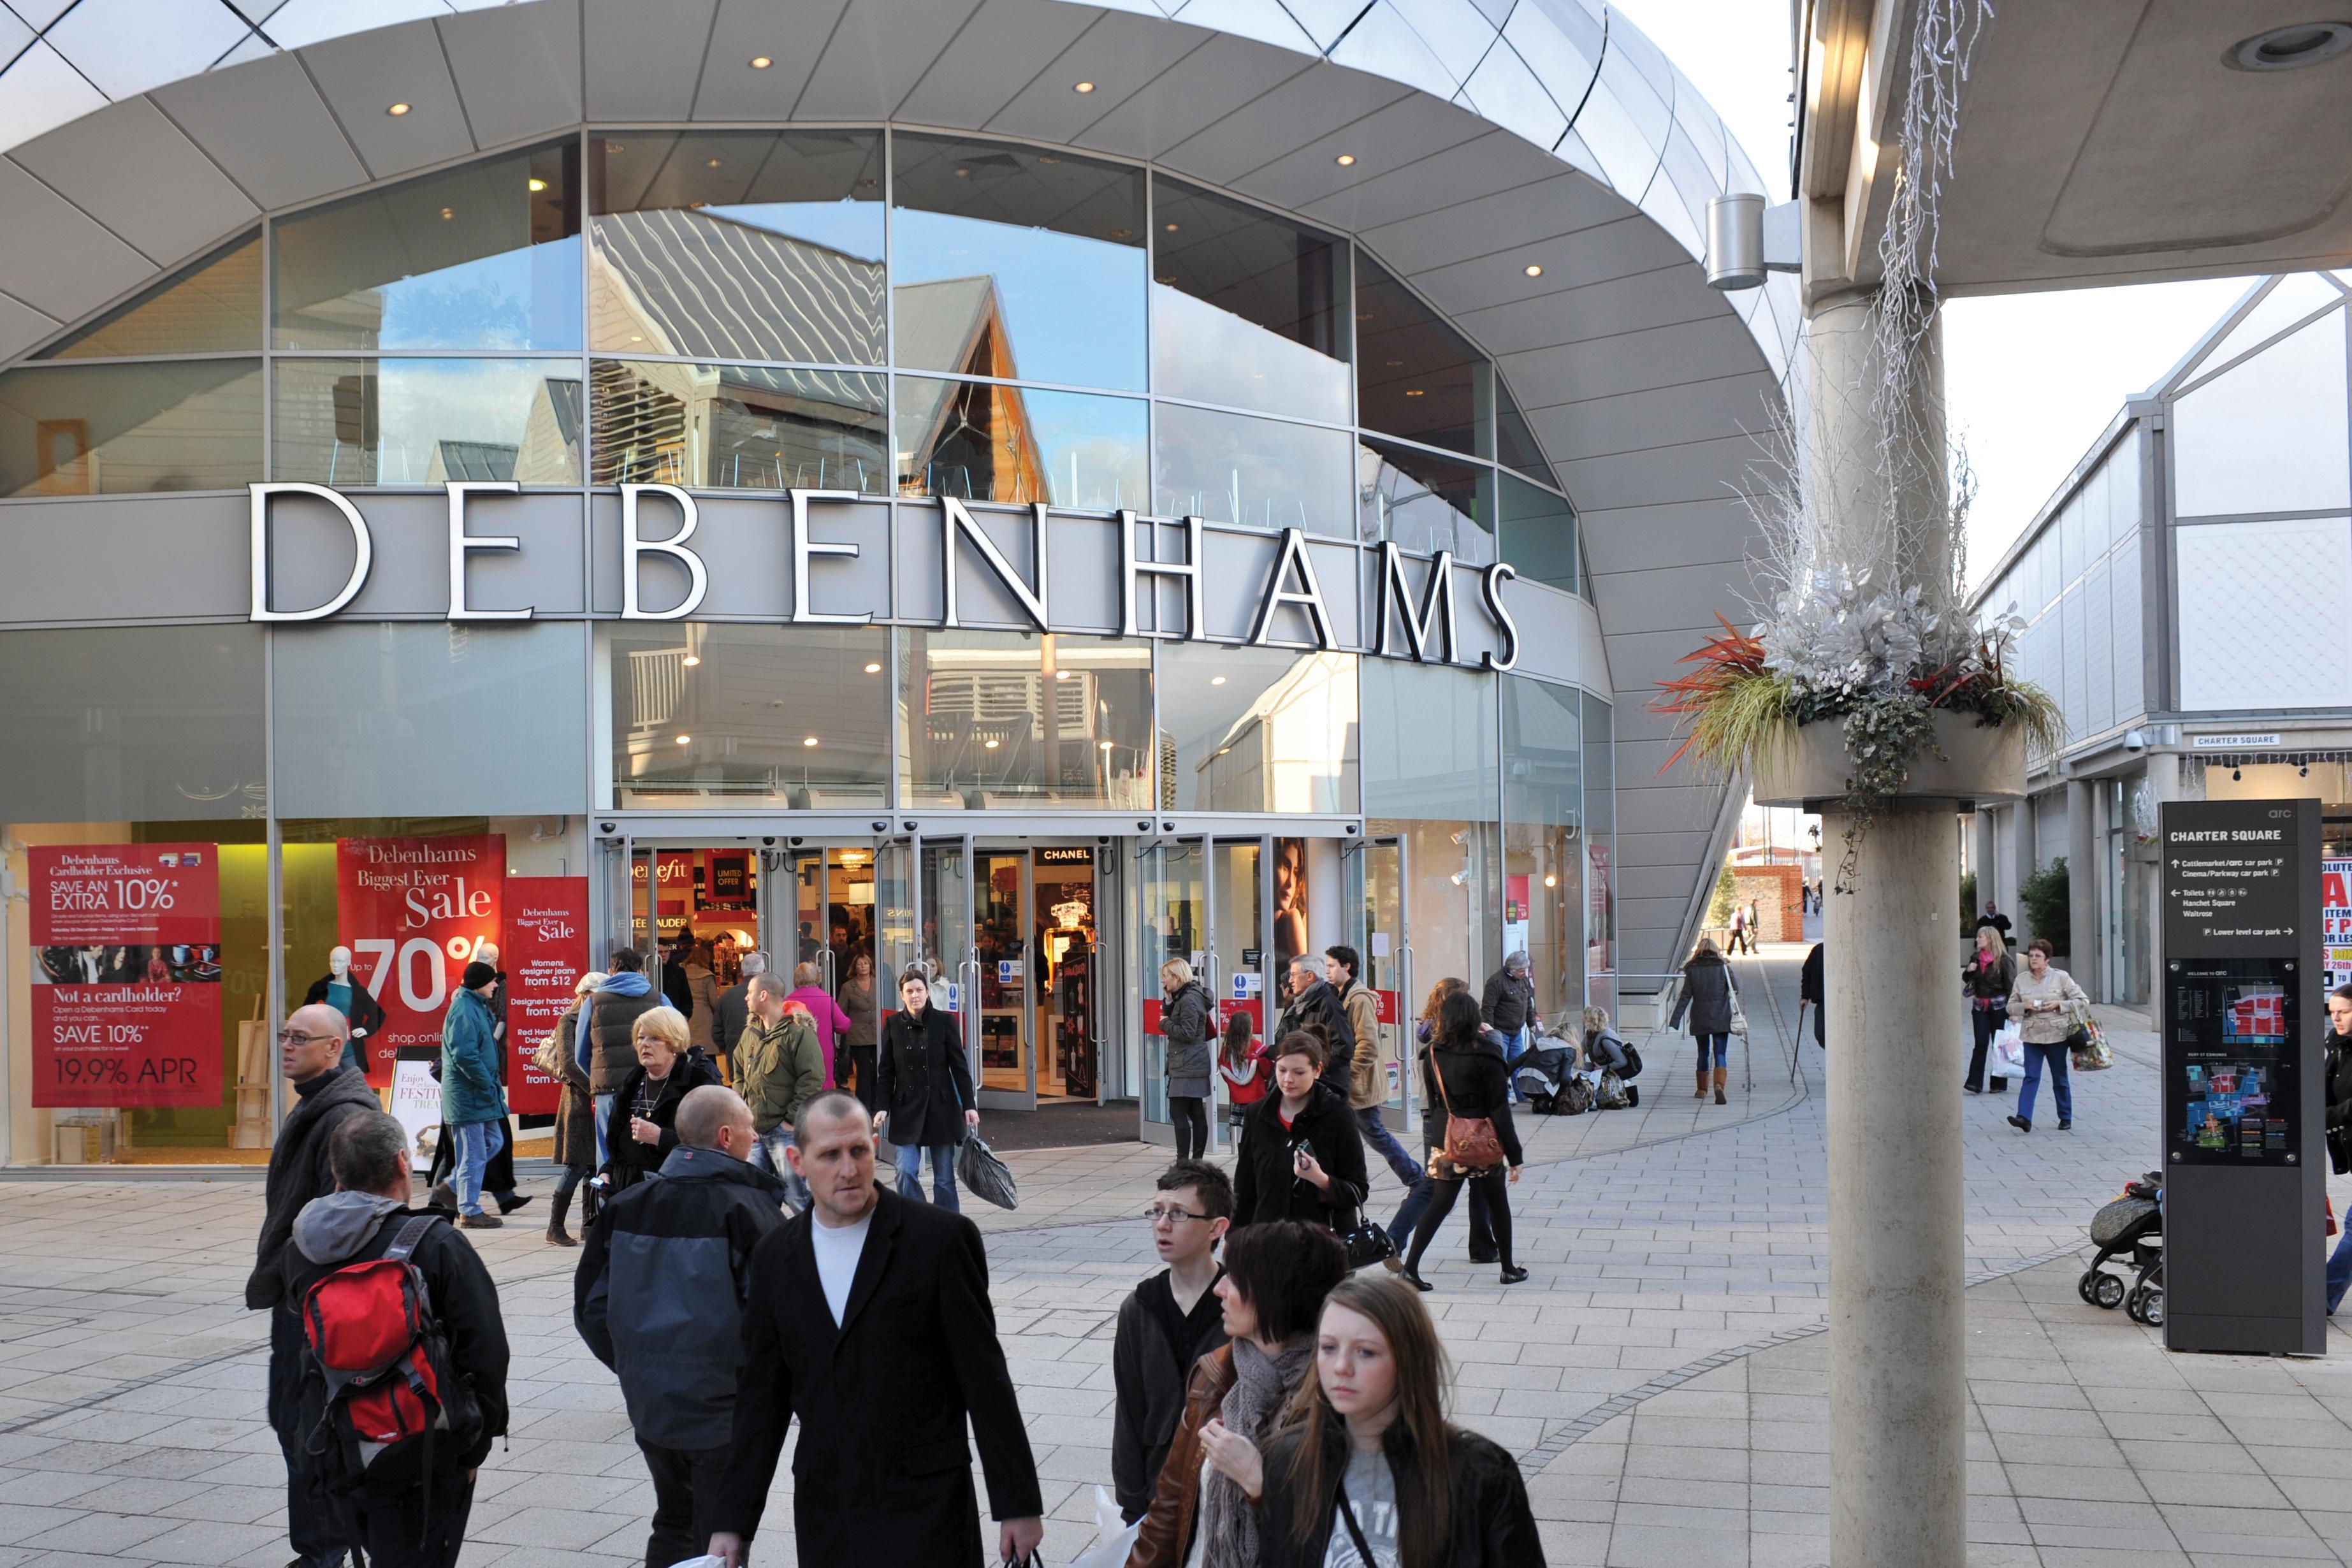 Retail shopping centre Bury st edmunds, IP33 3DG - Arc Shopping Centre